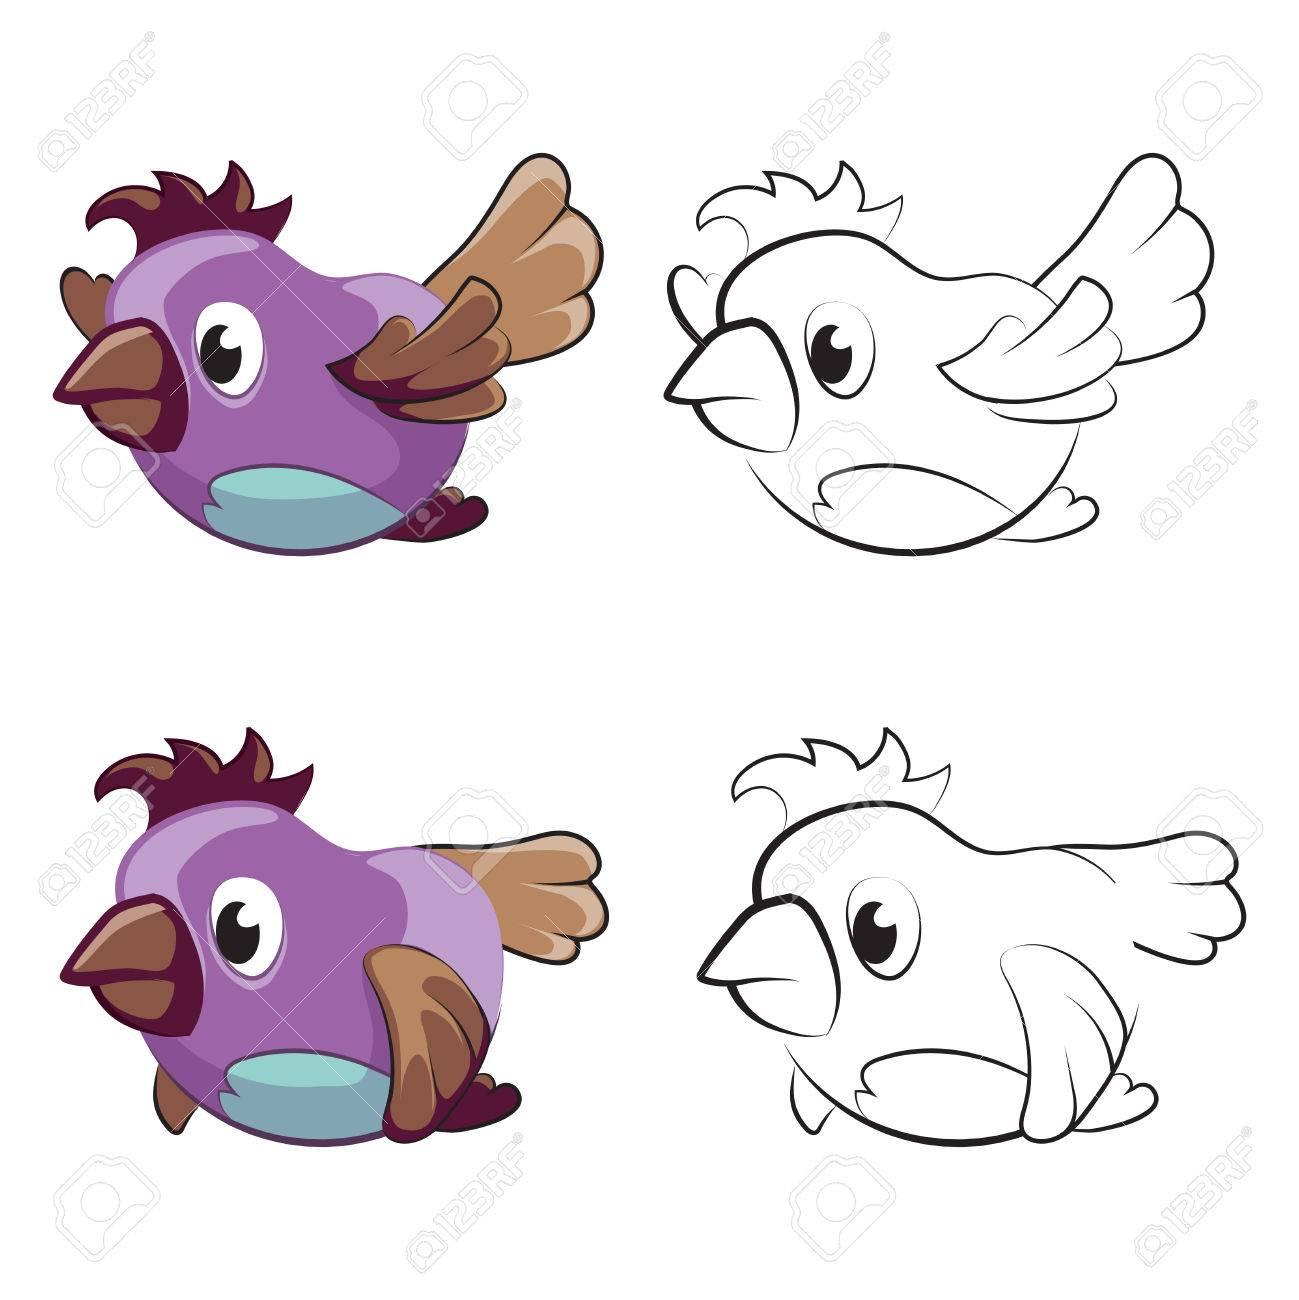 Página Para Colorear Para Niños Con Aves Voladoras De Dibujos ...